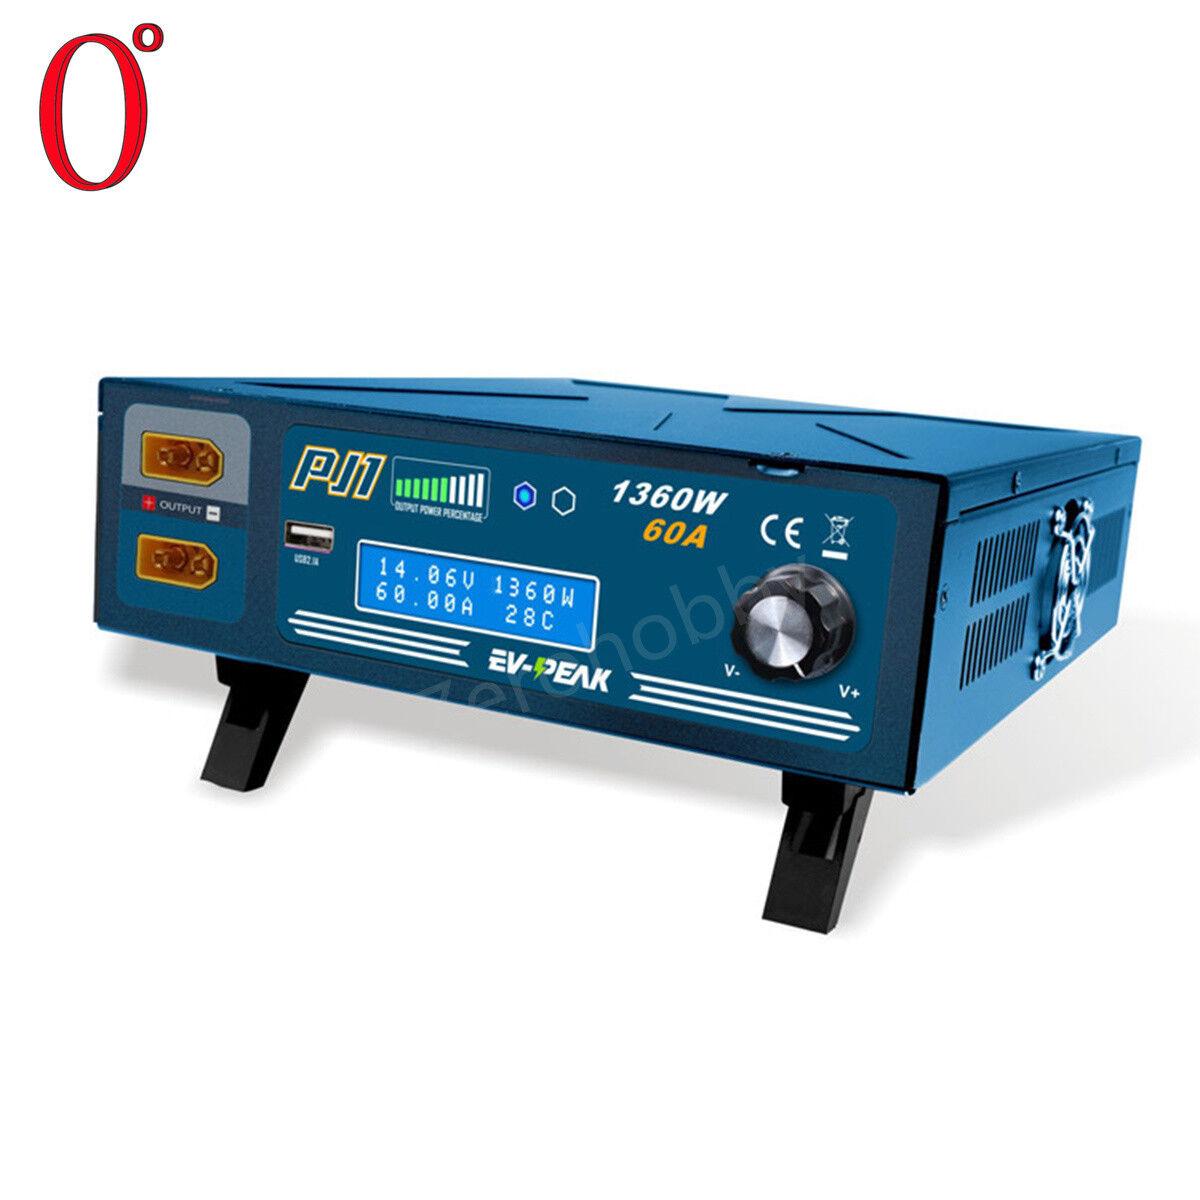 EV-Peak PJ1 ecube 1360W fuente de alimentación con puerto USB